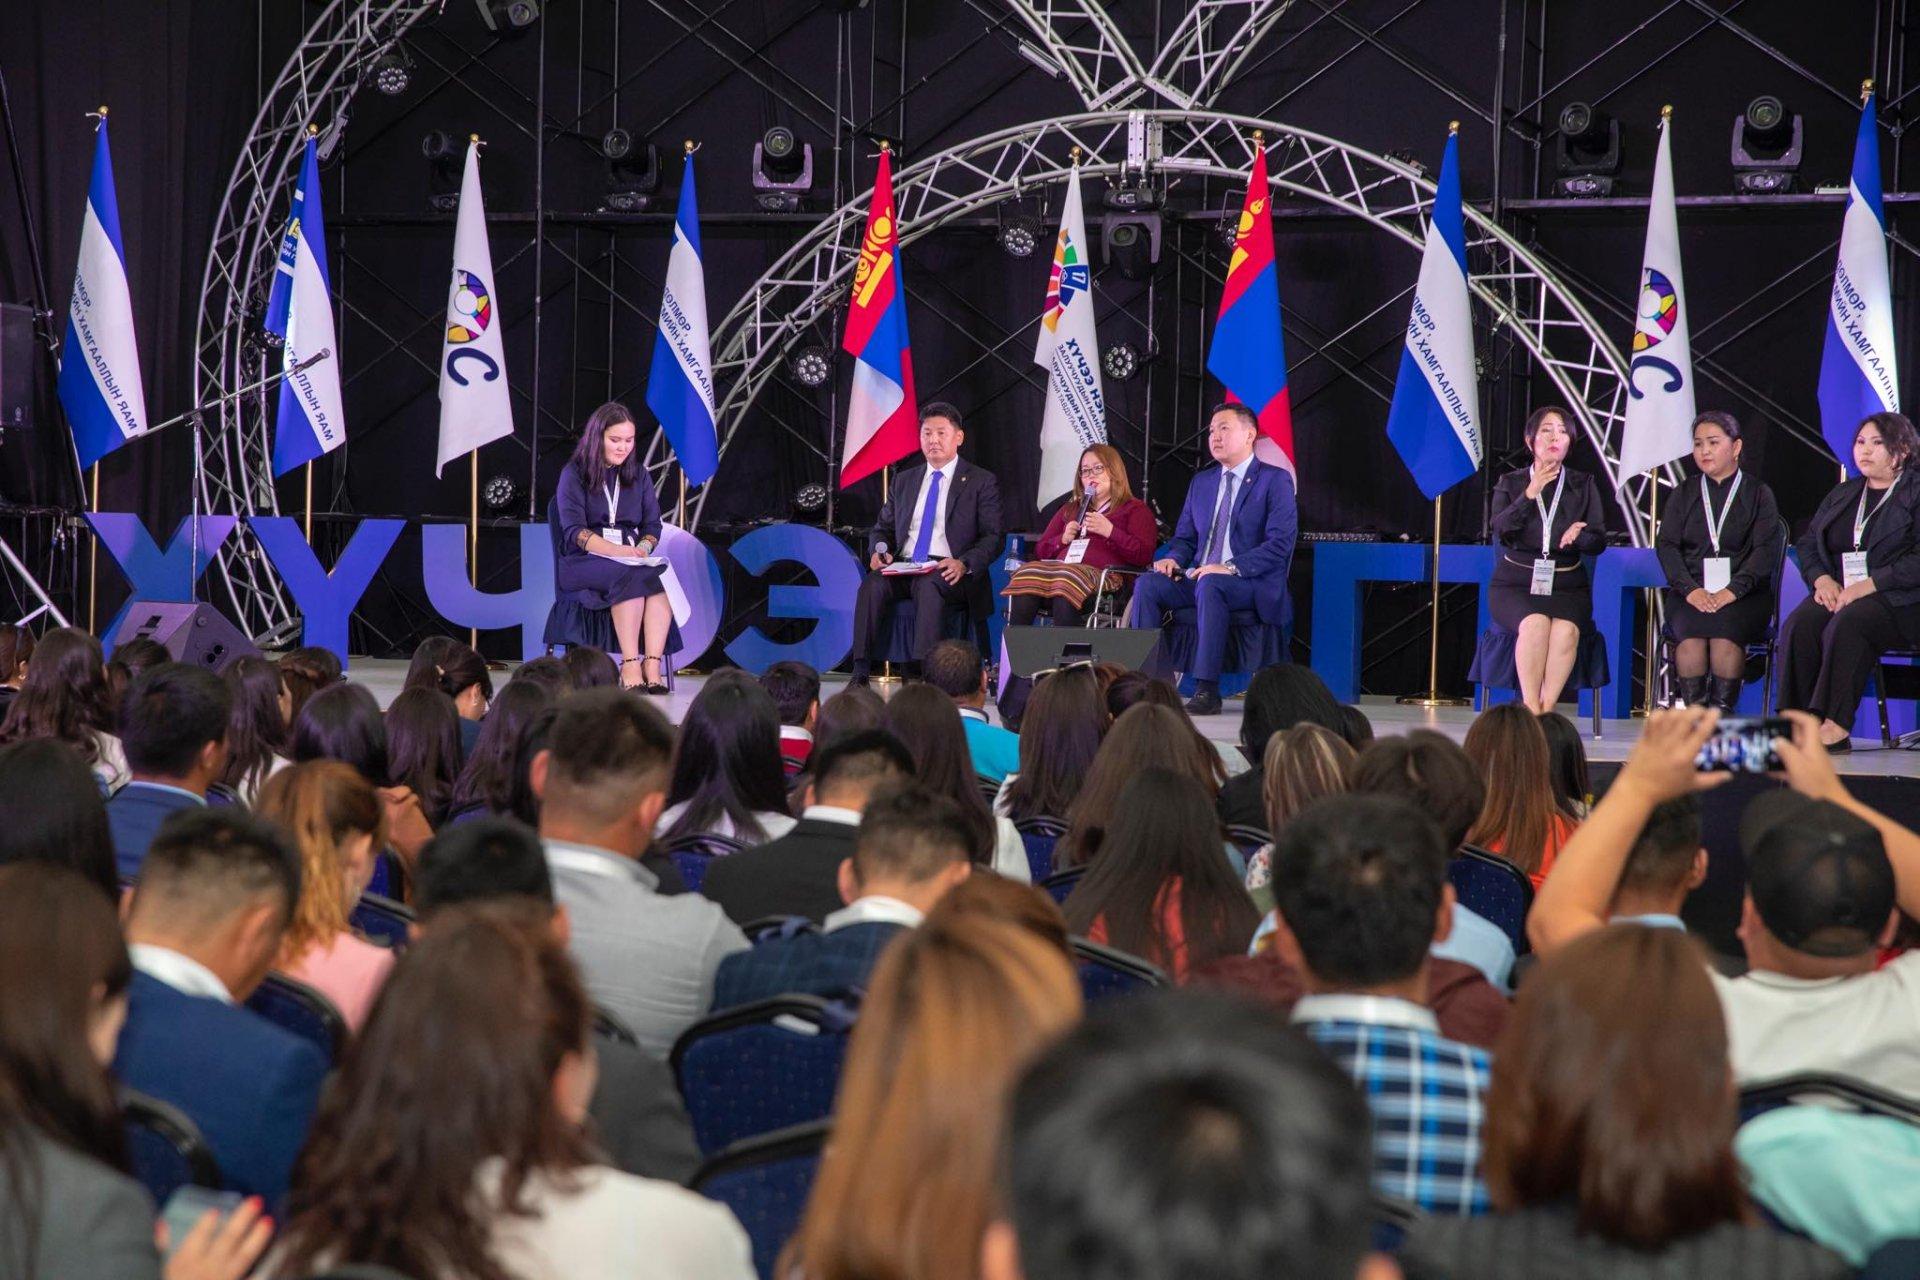 У.Хүрэлсүх: Залуучуудынхаа хөгжлийг дэмжих сан байгуулна, ардчилал, эрх чөлөөг батлан хамгаална, бусдыг нь залуус та бүхэн хий